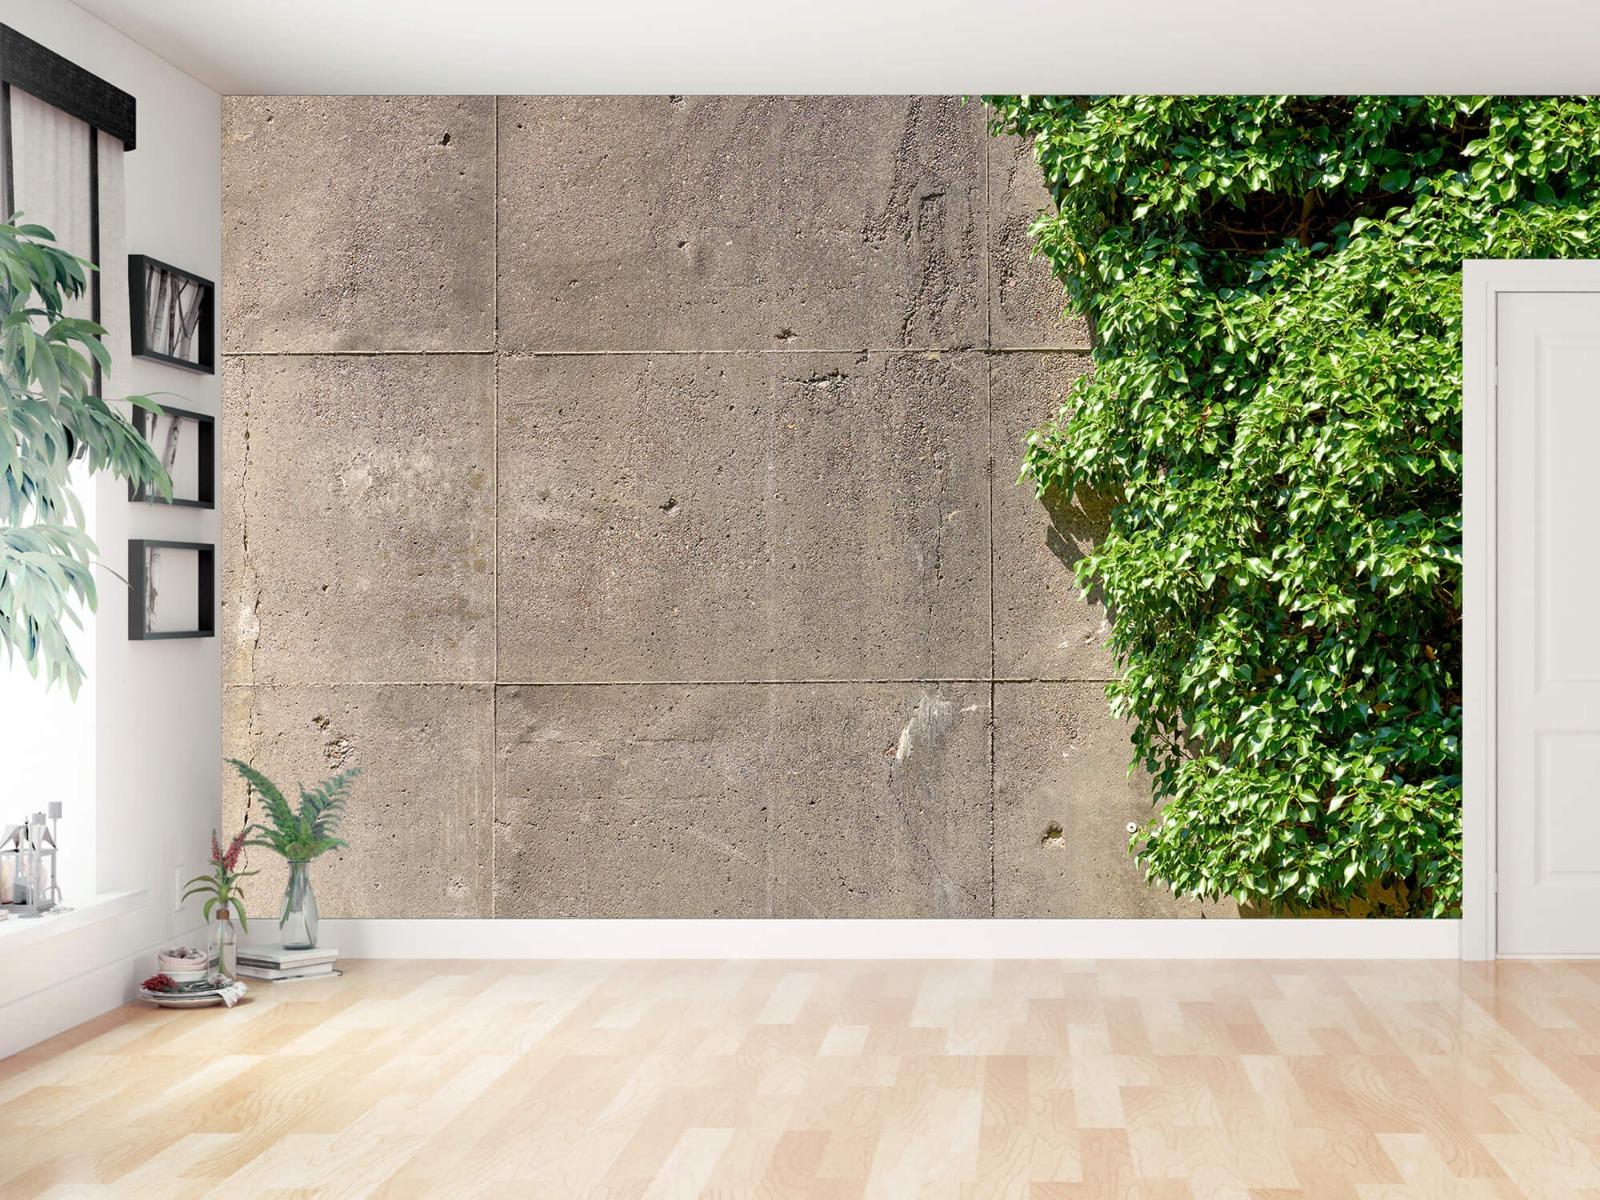 Betonlook behang - Beton met struik - Wallexclusive - Woonkamer 11